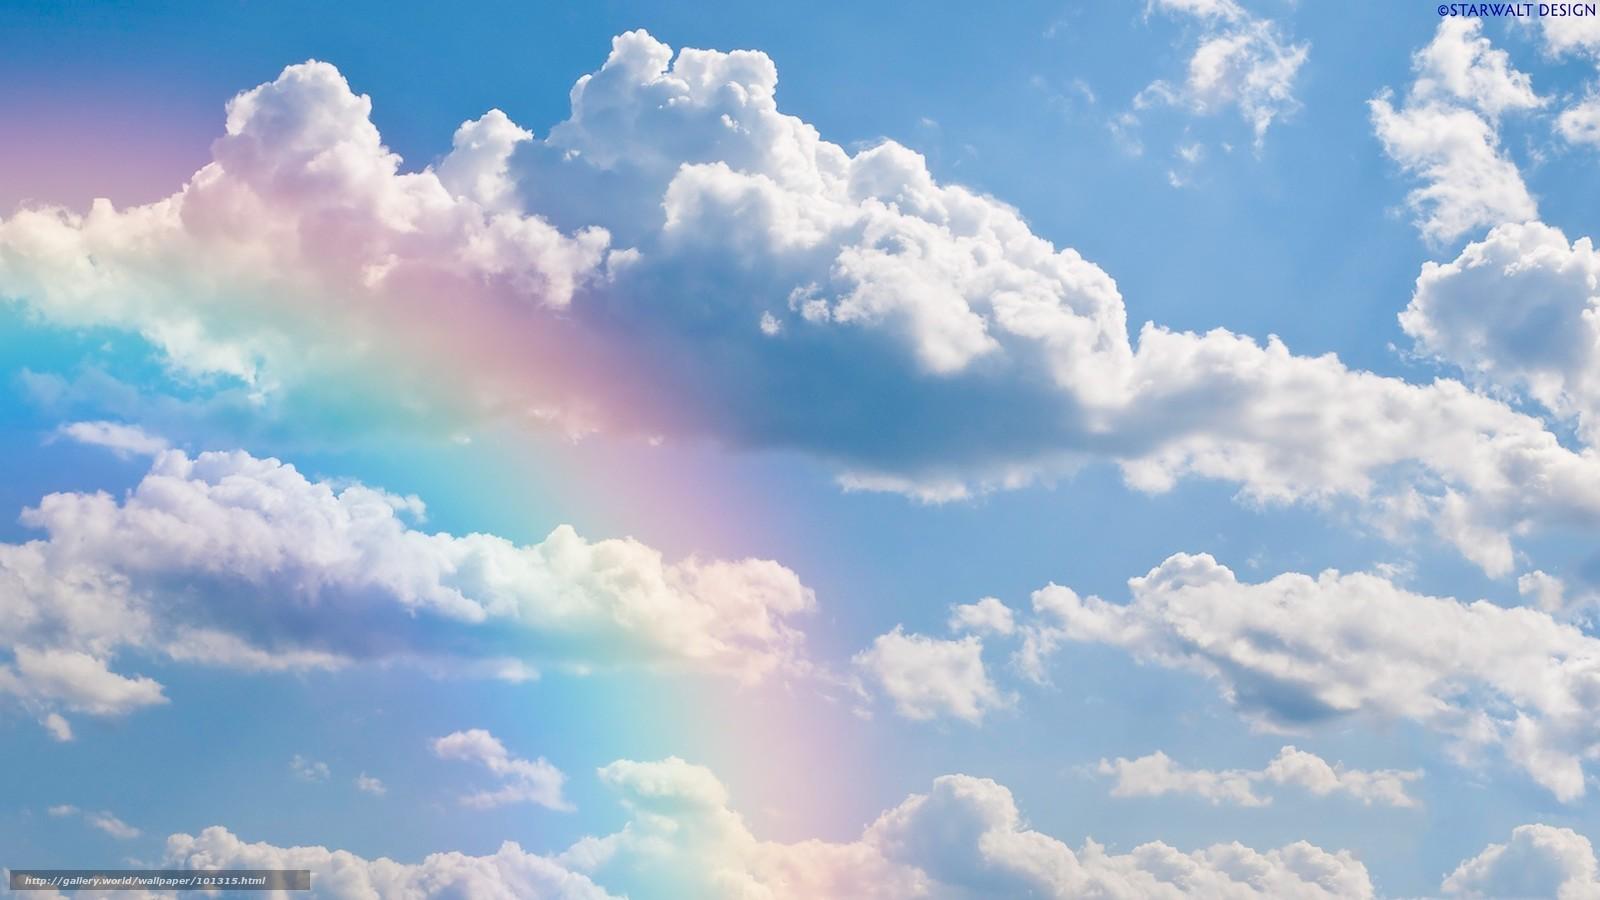 tlcharger fond d 39 ecran ciel nuages arc en ciel fonds d 39 ecran gratuits pour votre rsolution du. Black Bedroom Furniture Sets. Home Design Ideas